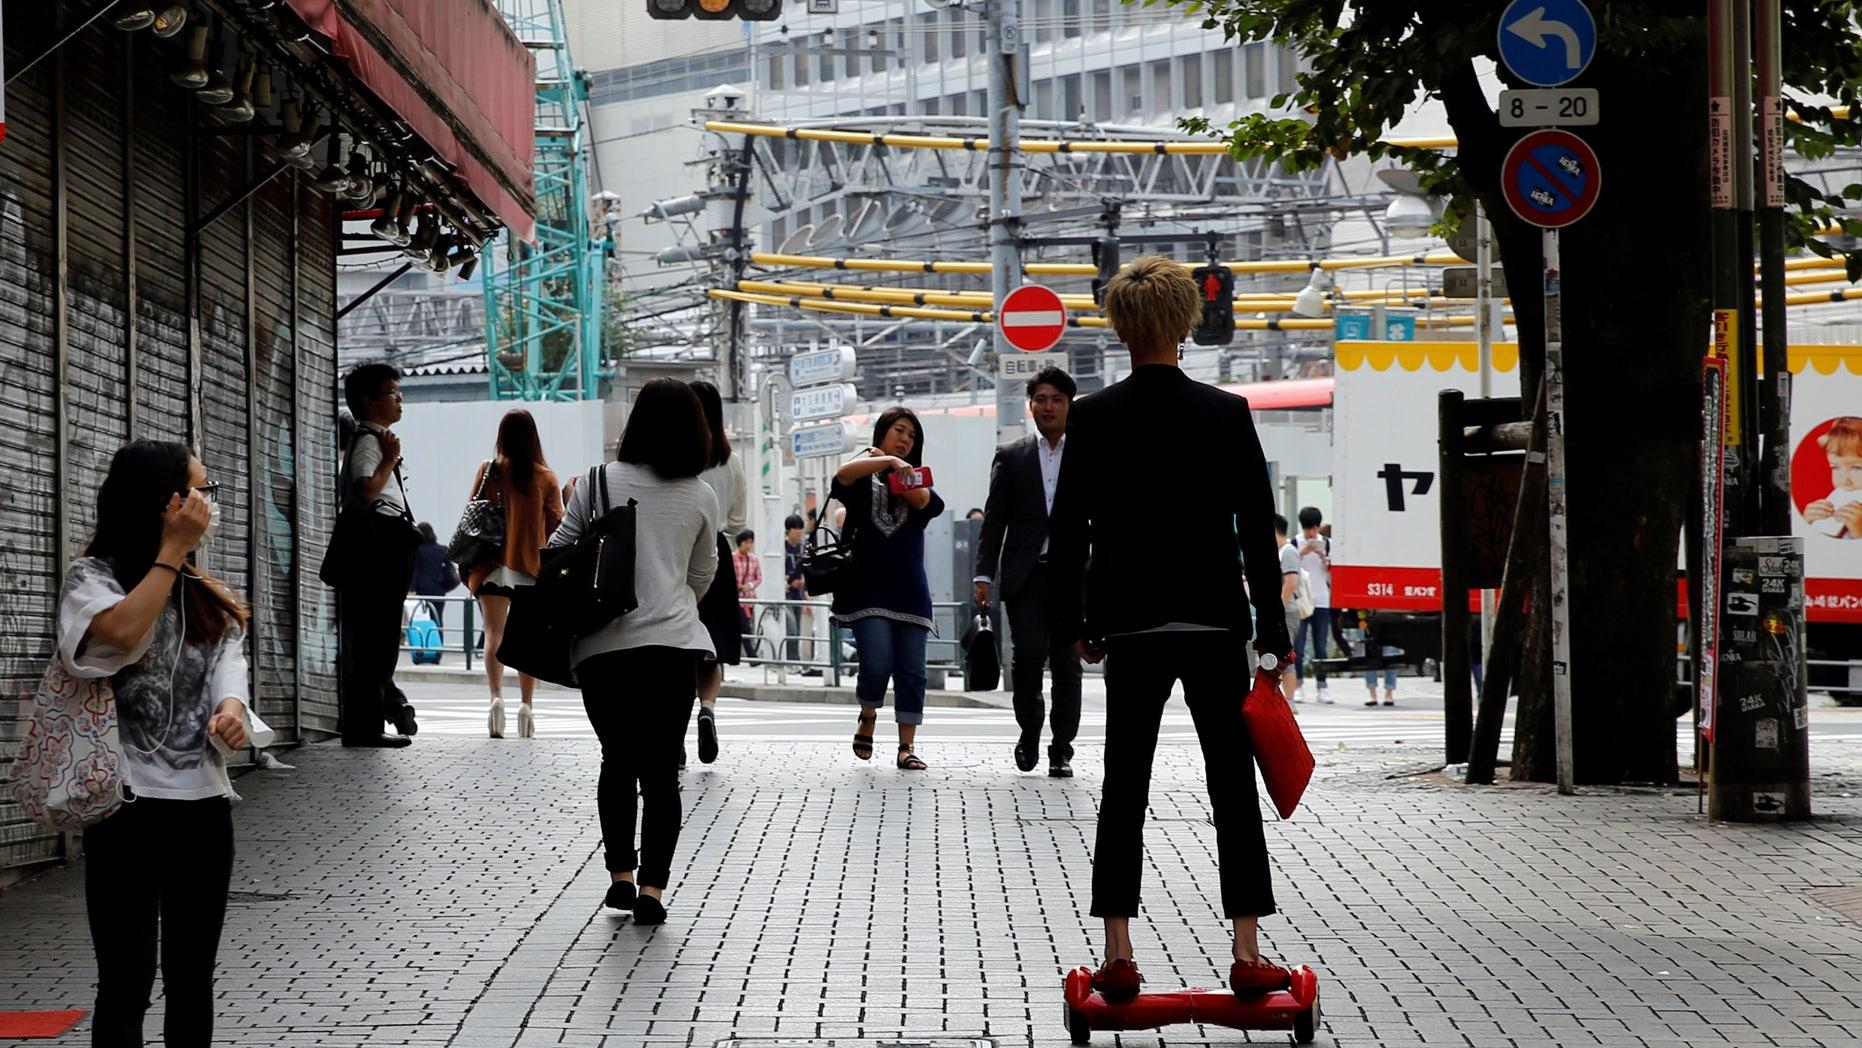 A man rides a hoverboard in Tokyo, Japan, September 29, 2016. (REUTERS/Toru Hanai)